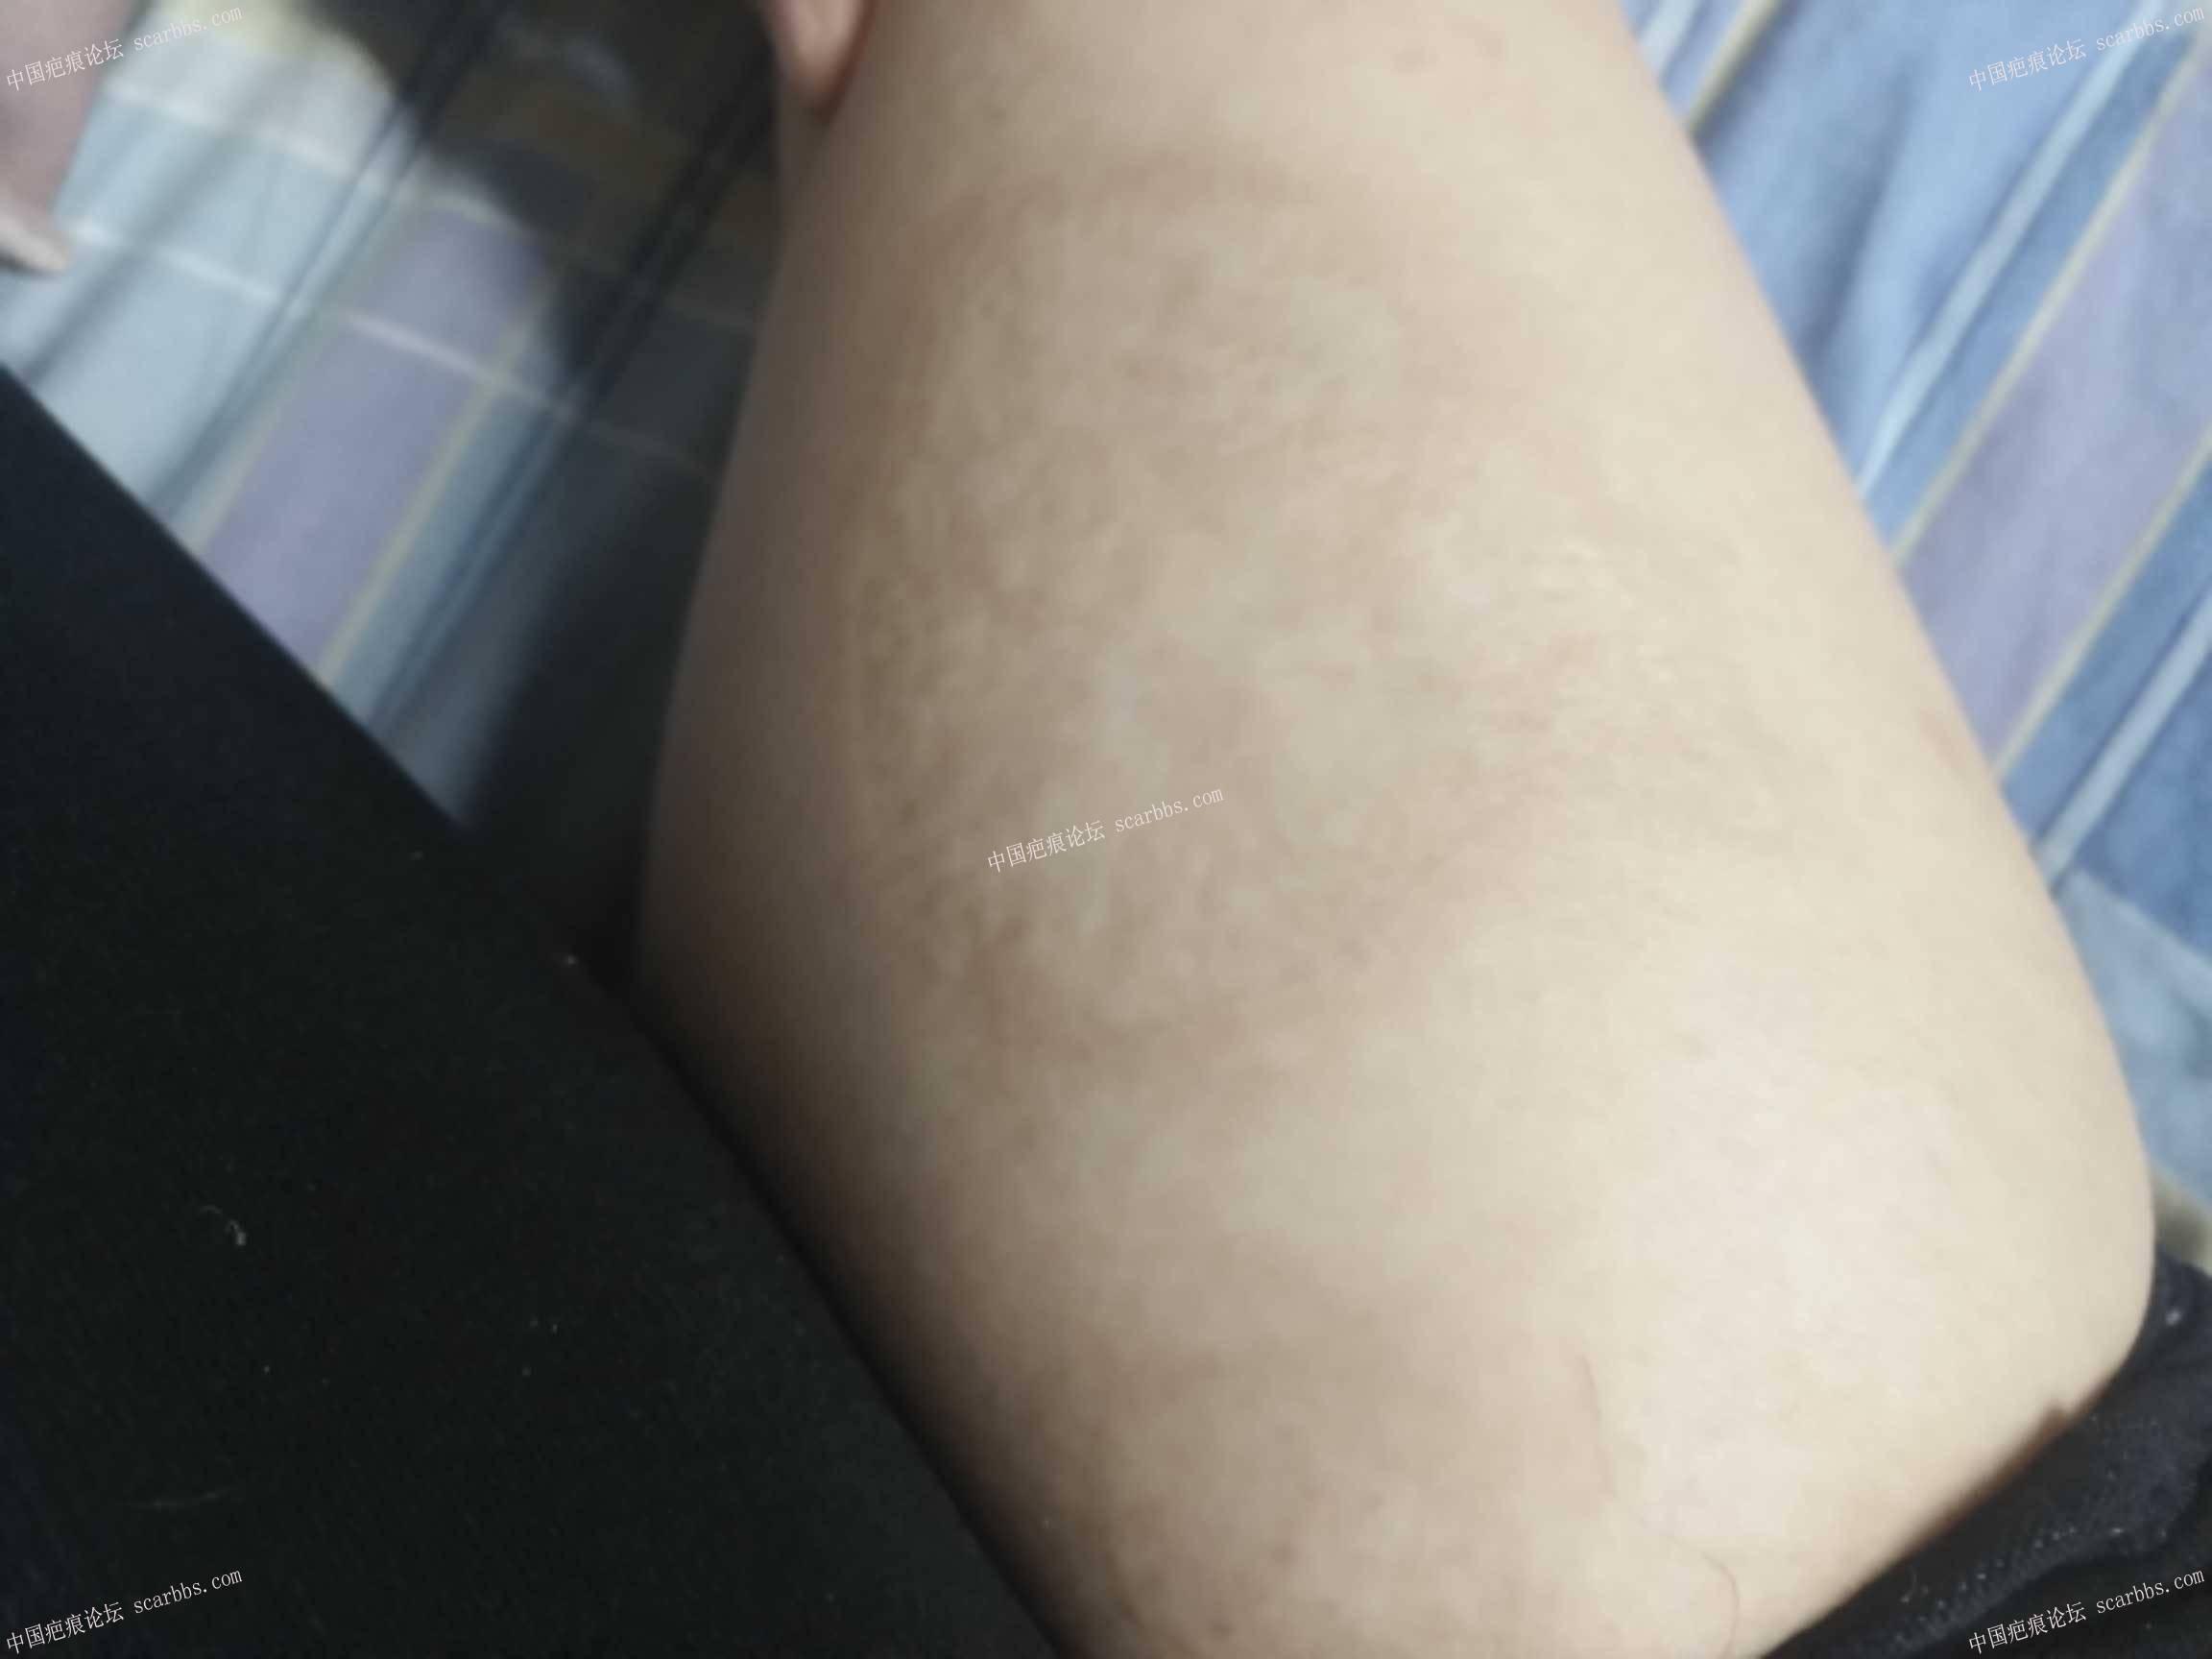 小时候烧伤后形成的色素疤痕,请问怎样可以去除27-疤痕体质图片_疤痕疙瘩图片-中国疤痕论坛